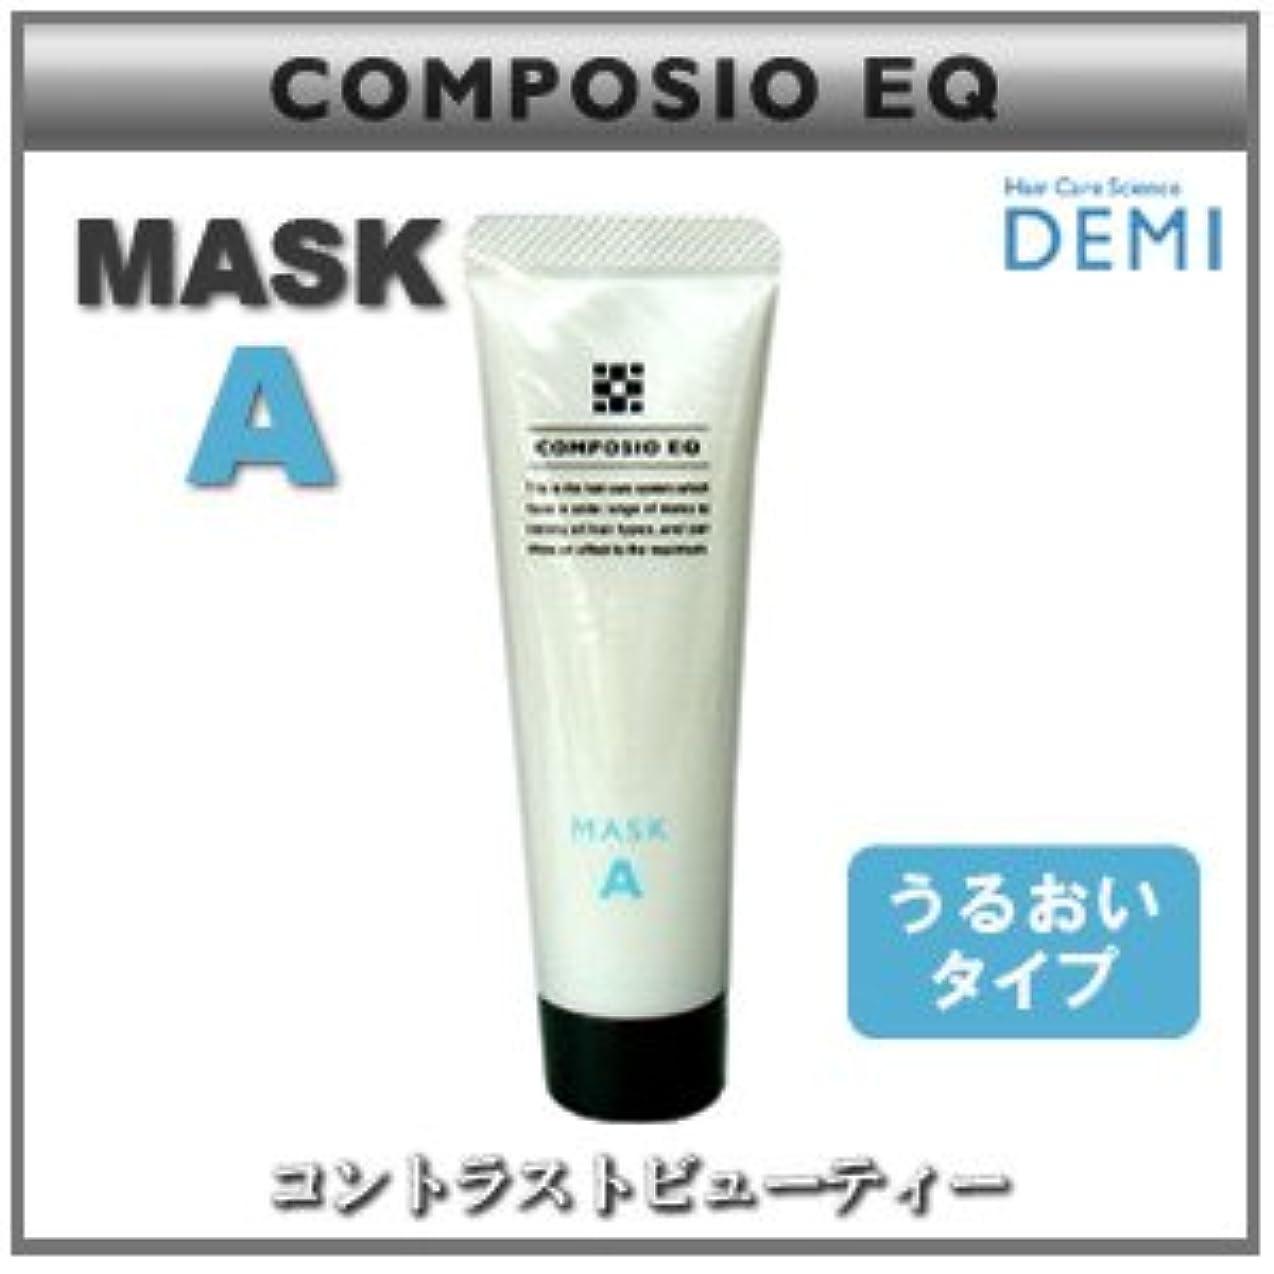 囚人こどもの日またね【X2個セット】 デミ コンポジオ EQ マスク A 50g